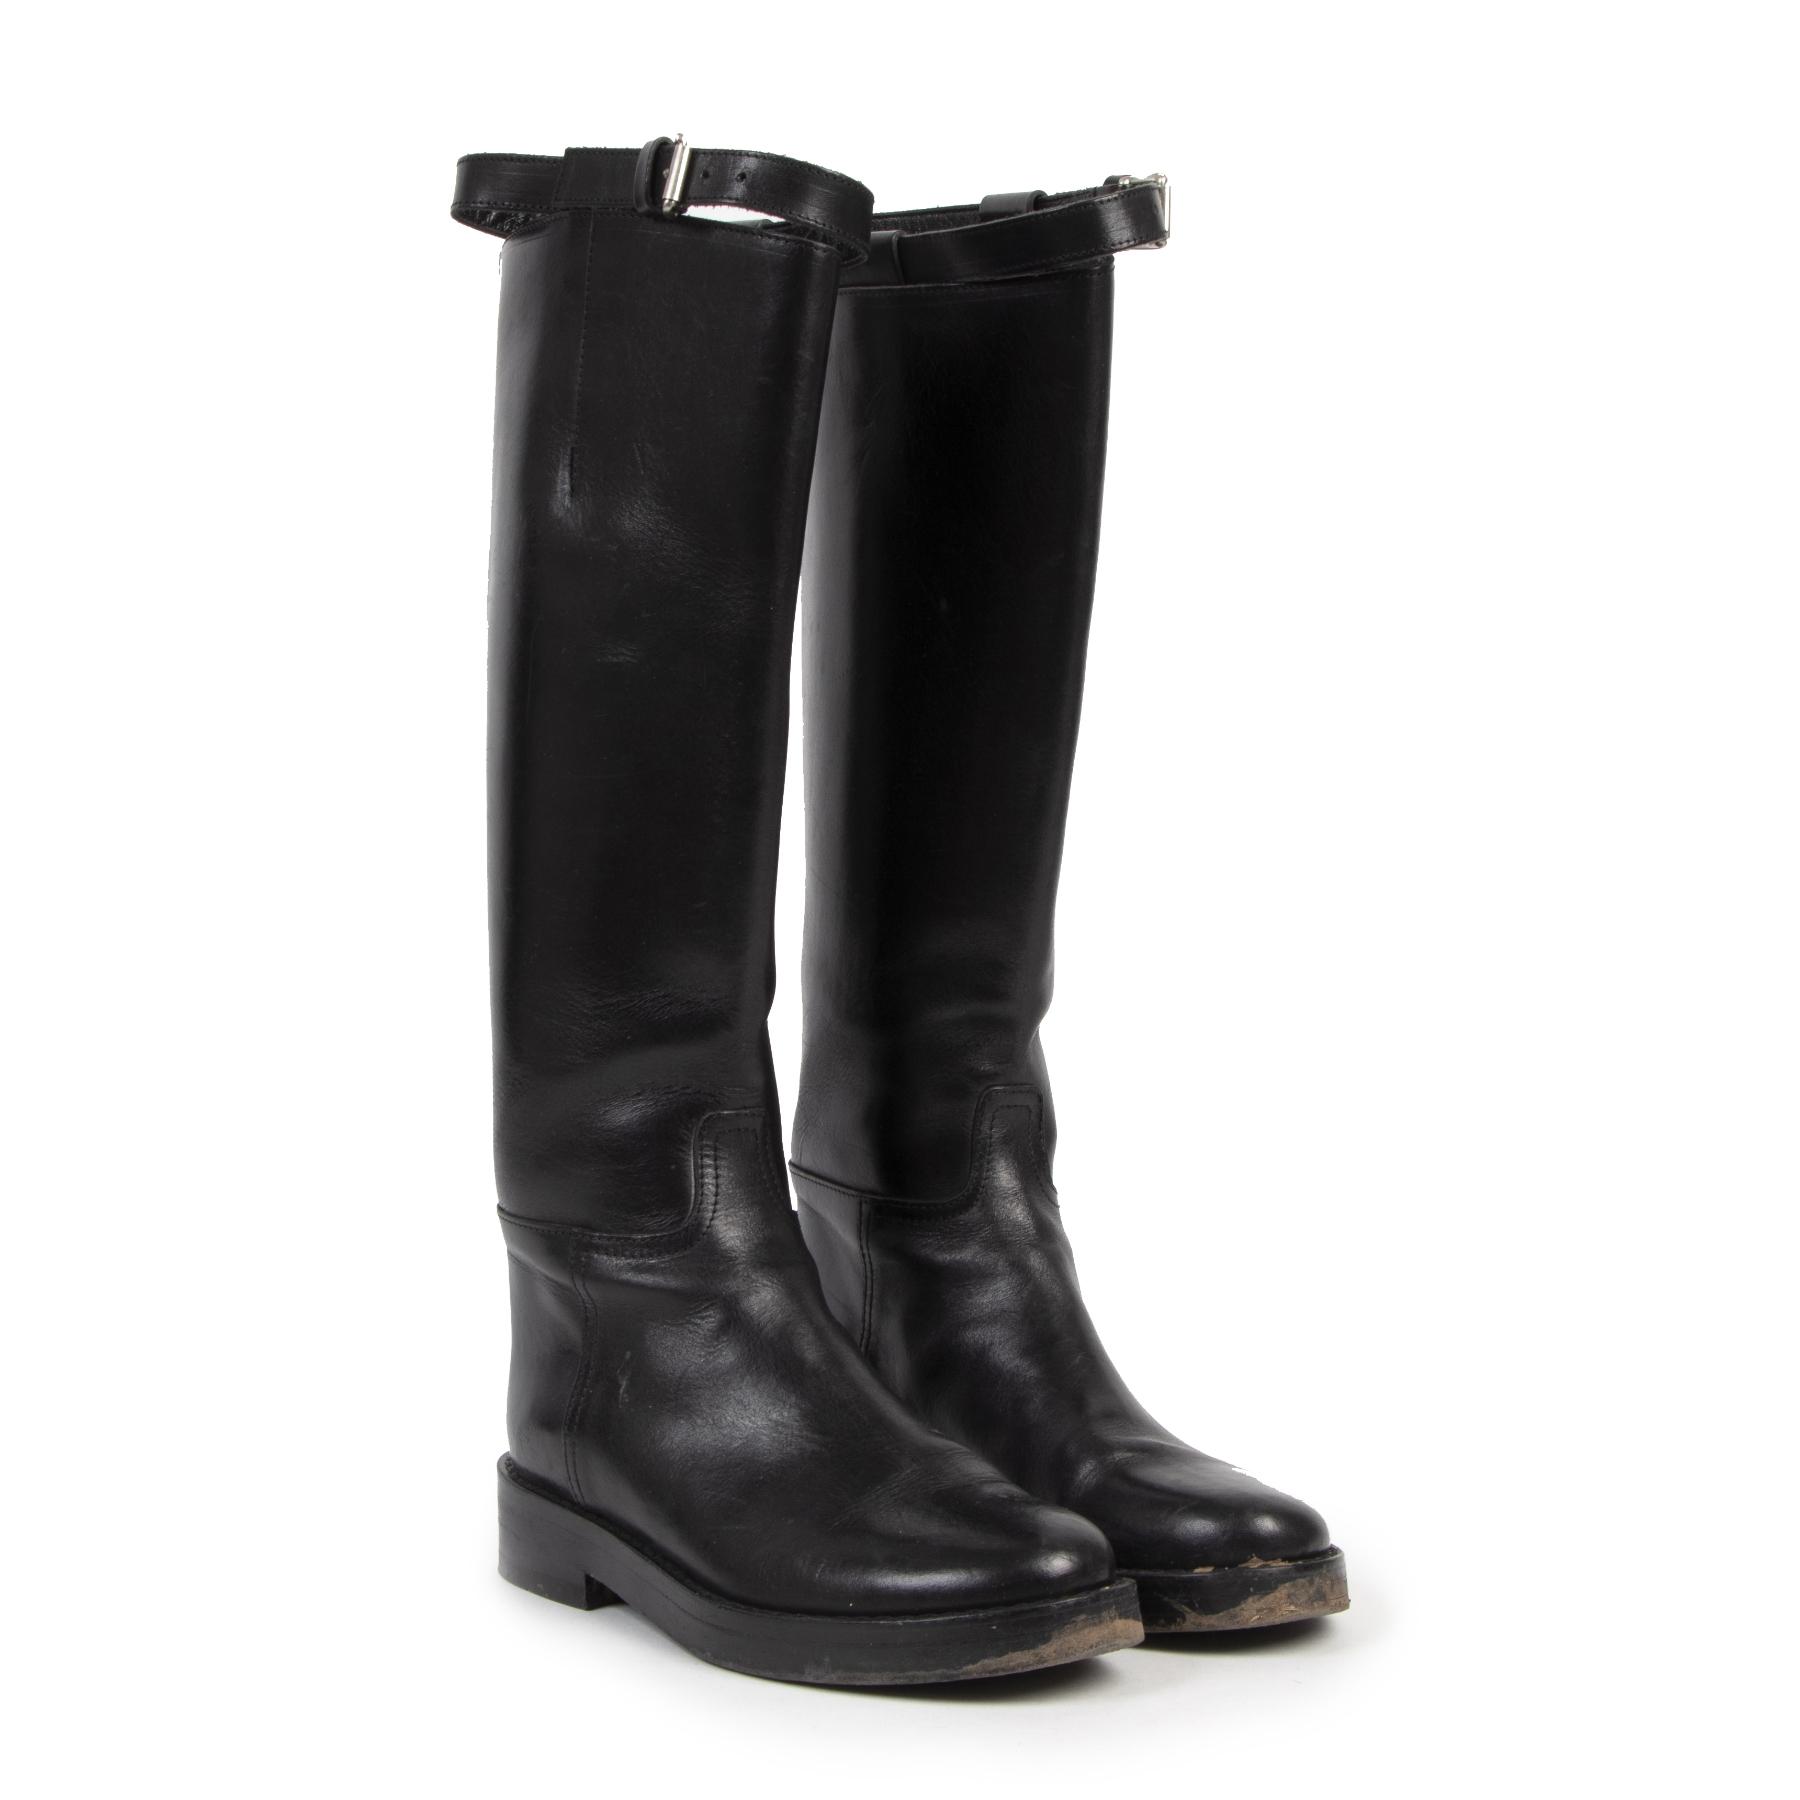 Authentieke tweedehands vintage Ann Demeulemeester Riding Boots Vitello Lucido Nero - Size 39 bij online webshop LabelLOV